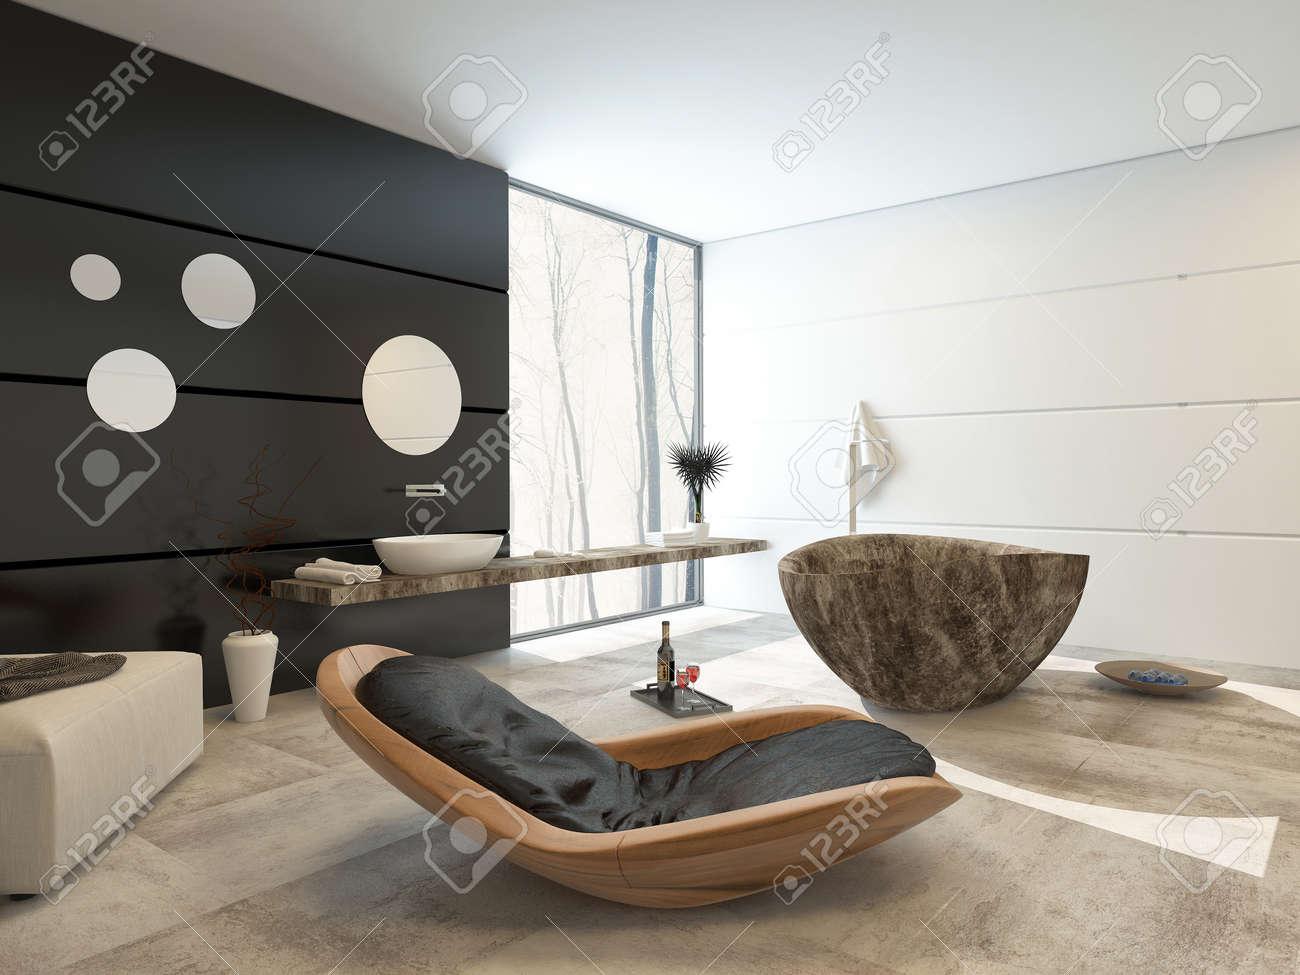 Design contemporain dans un intérieur d\'une salle de bains de luxe avec un  confortable fauteuil inclinable bois, pouf, marbre motif mur d\'accent ...